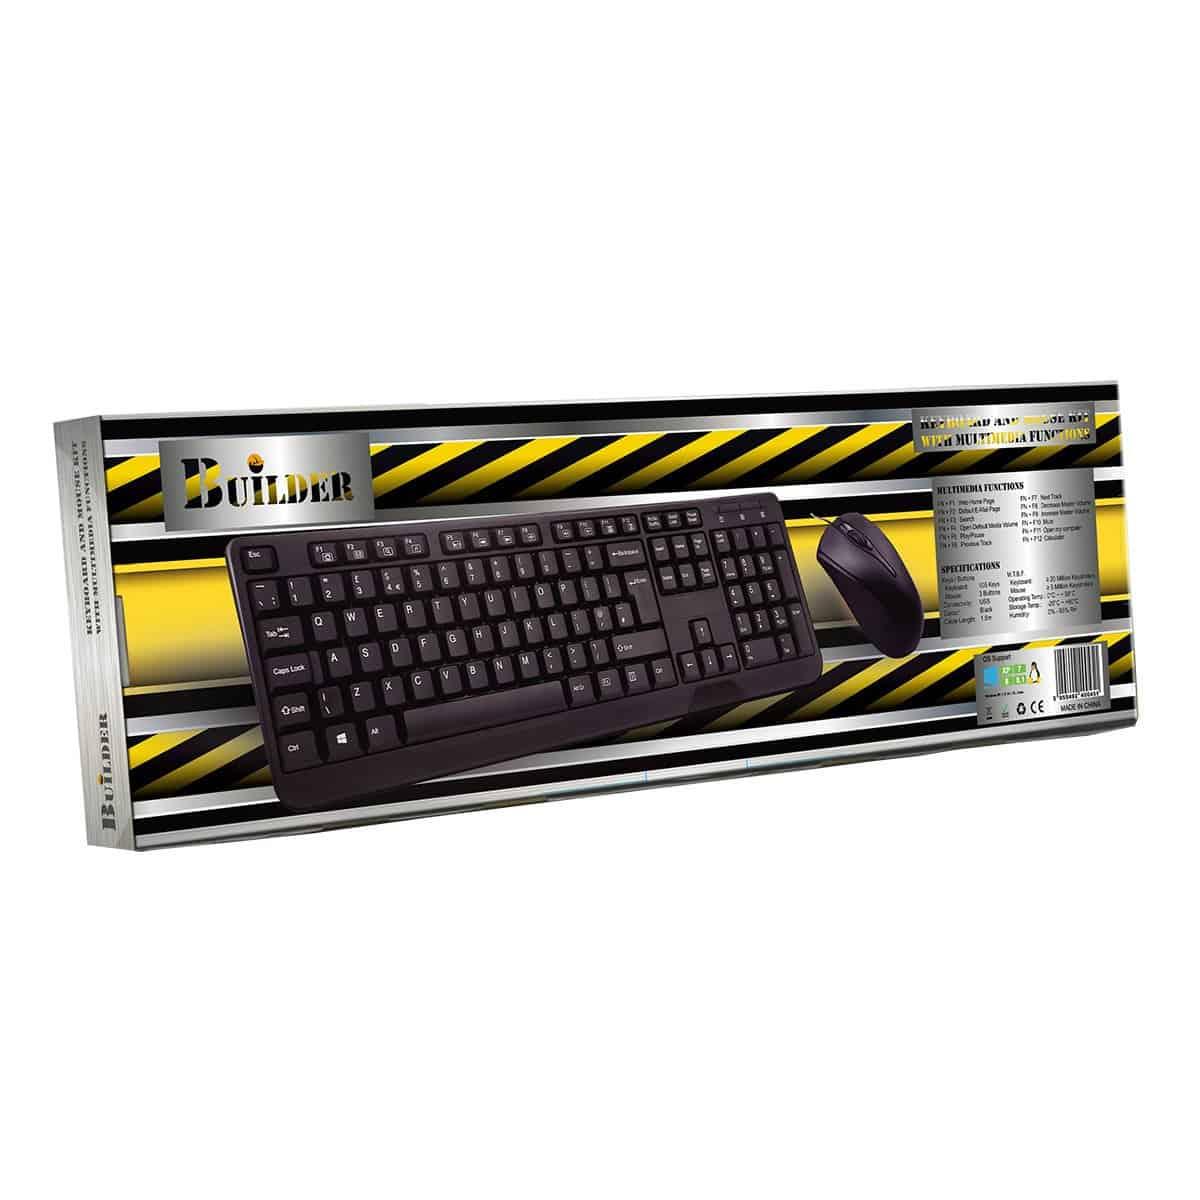 CiT – Builder Wired RGB Gaming Keyboard